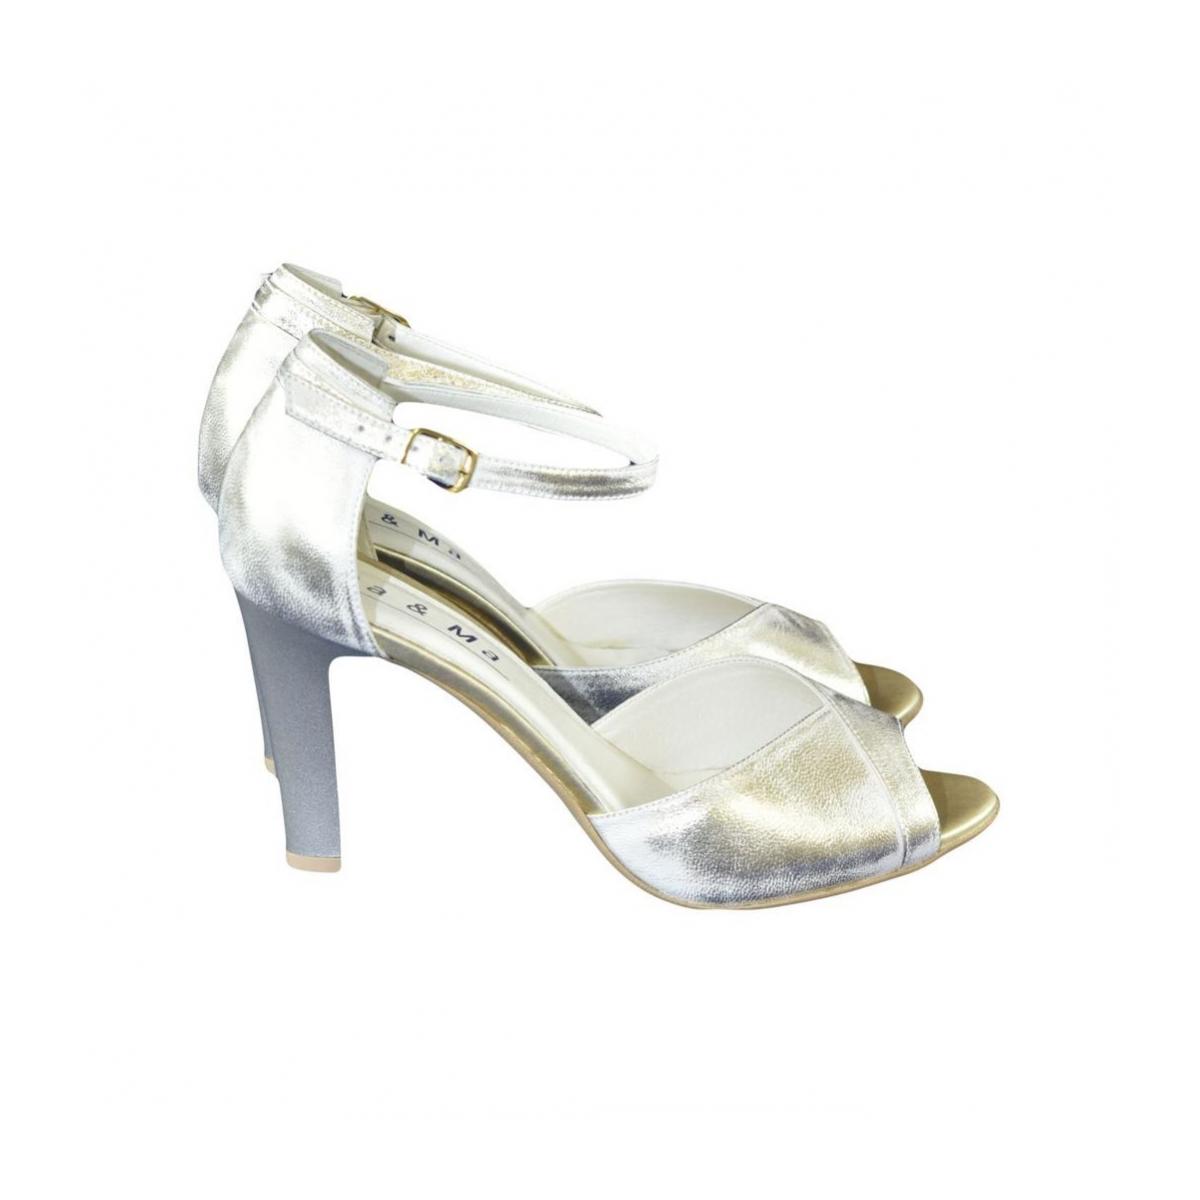 c6fb7c337950 Dámske kožené zlaté sandále MADAS - 2